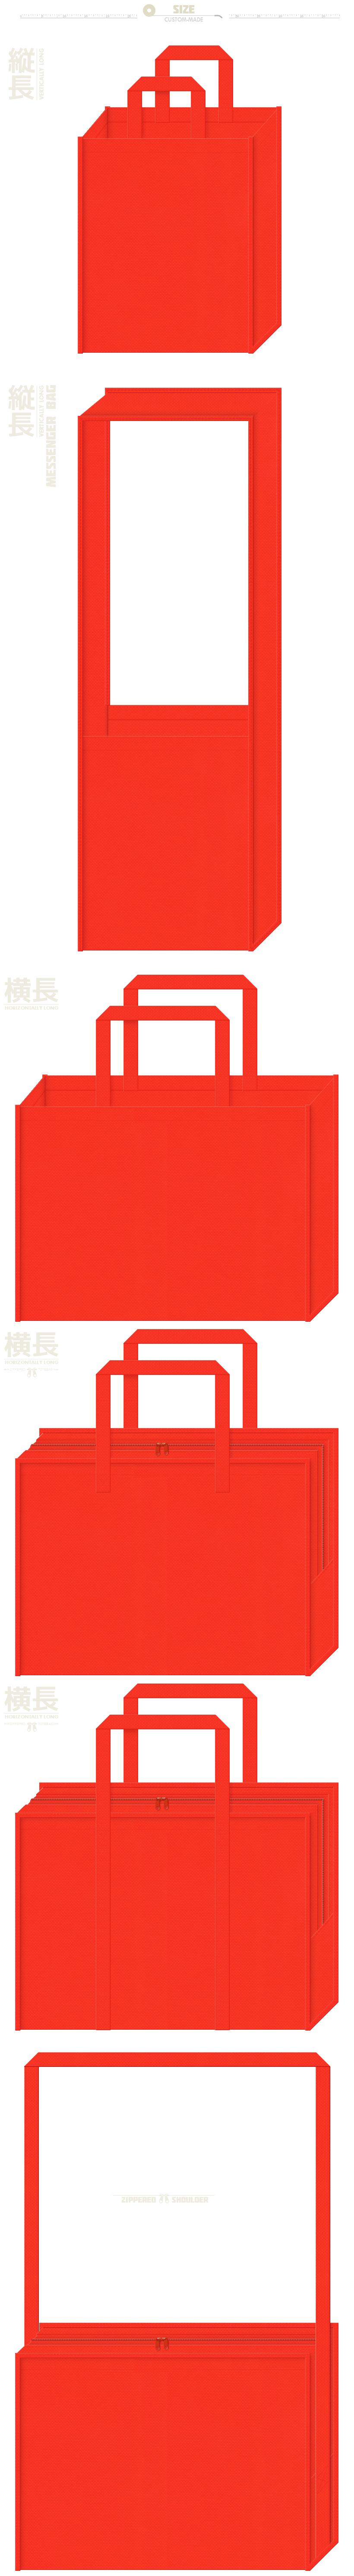 オレンジ単色のお奨めイメージ:カロチン・柿・民話・紅茶・サンセット